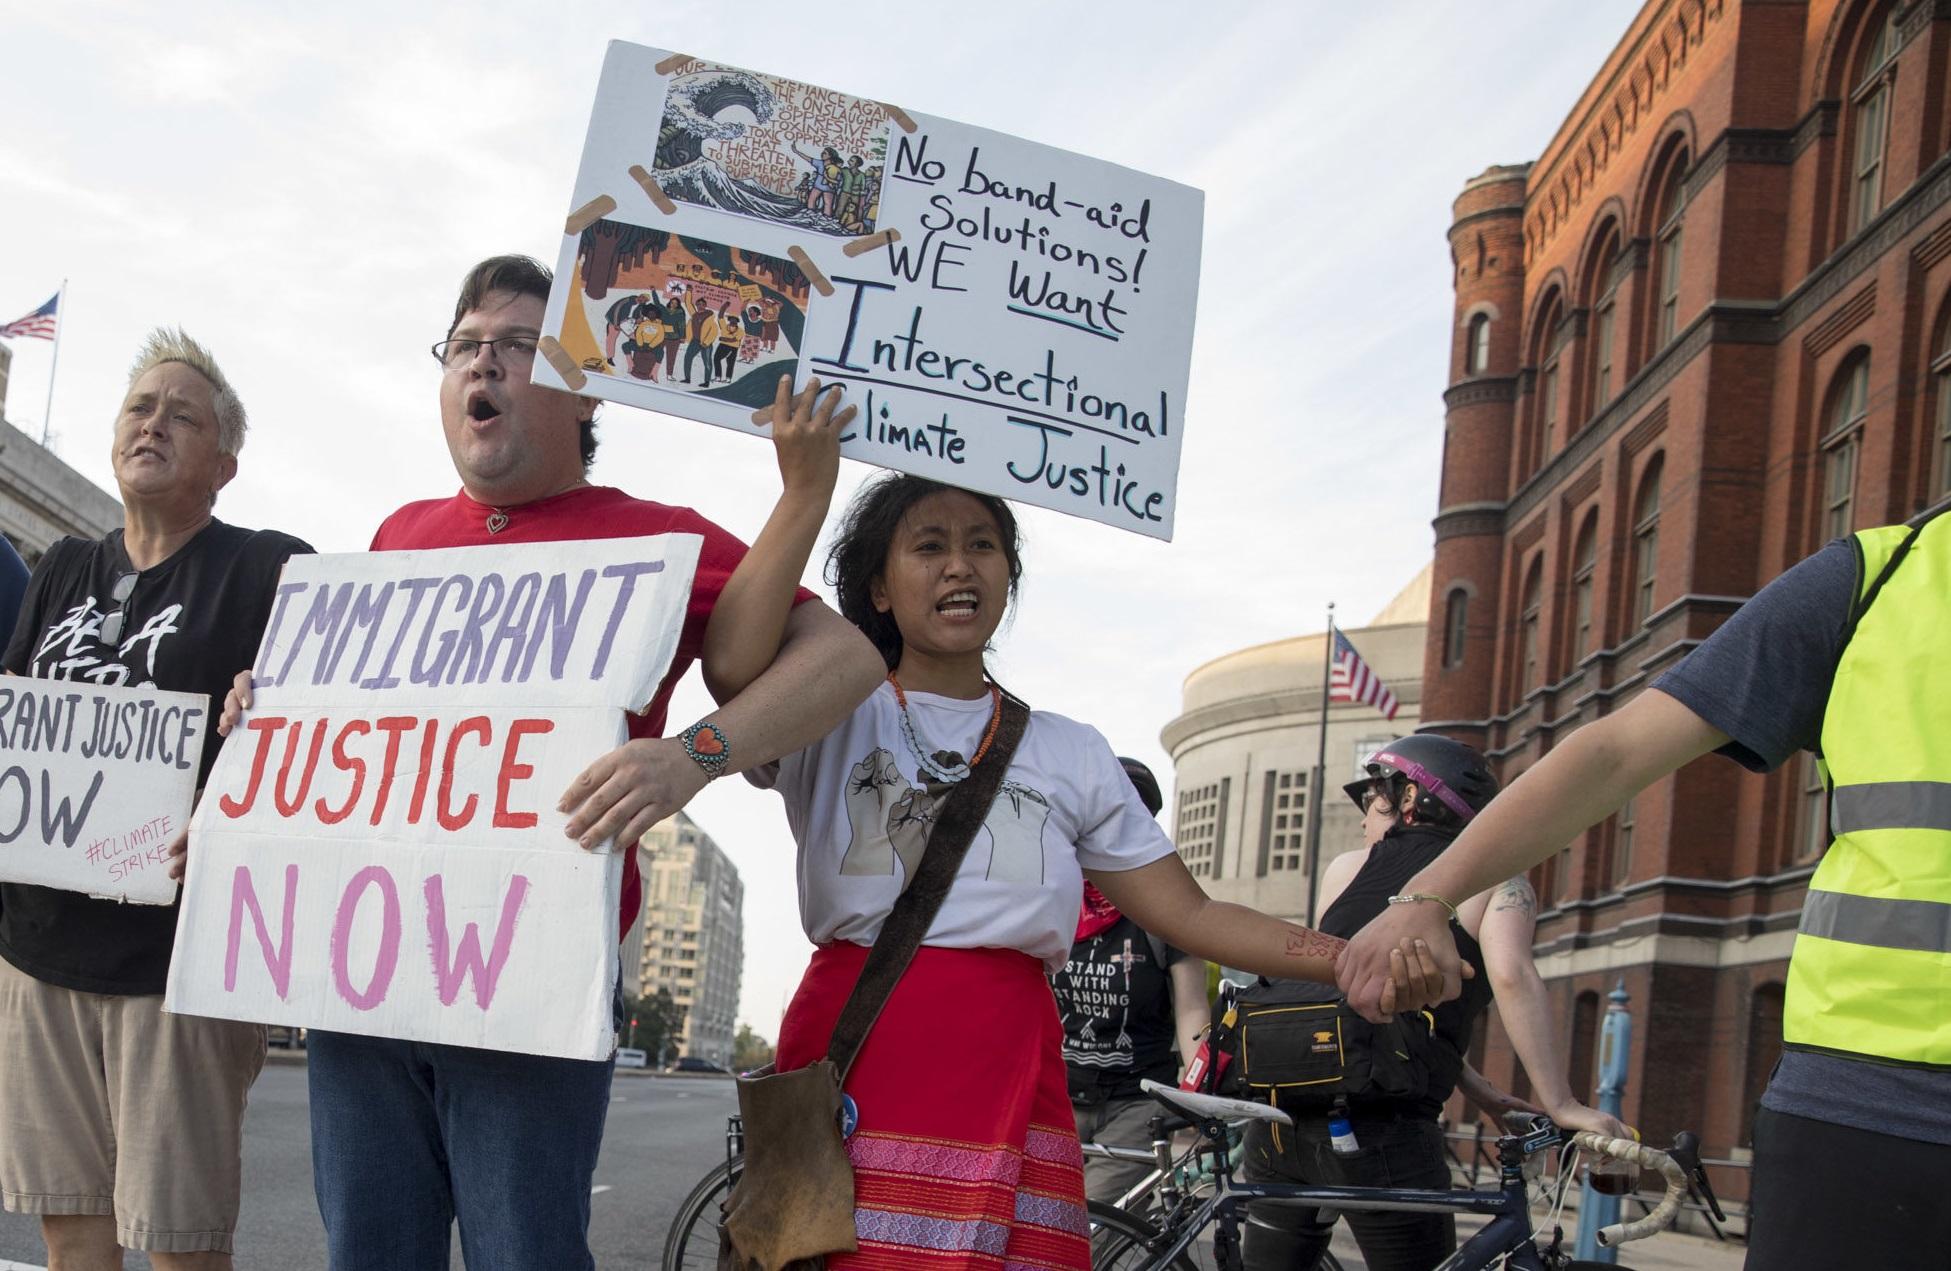 """Los manifestantes marcharon por K St. NW, con carteles que decían """"Justicia climática"""", """"Advertencia"""" y """"No se puede beber petróleo"""", además de pedir justicia para los inmigrantes. Foto: https://wamu.org."""